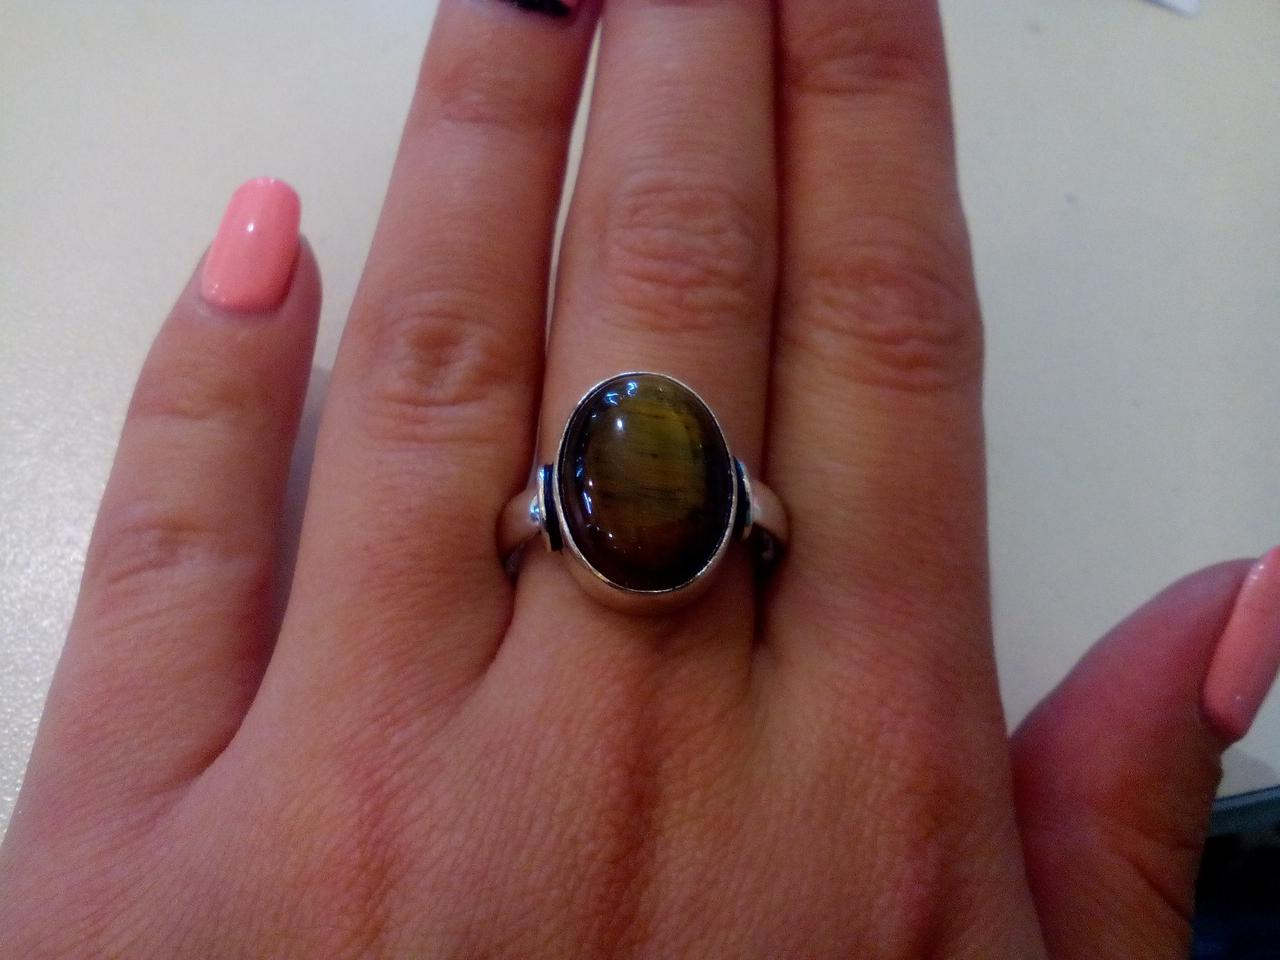 Кольцо тигровый глаз в серебре круглое кольцо с тигровым глазом 19,5 размер Индия